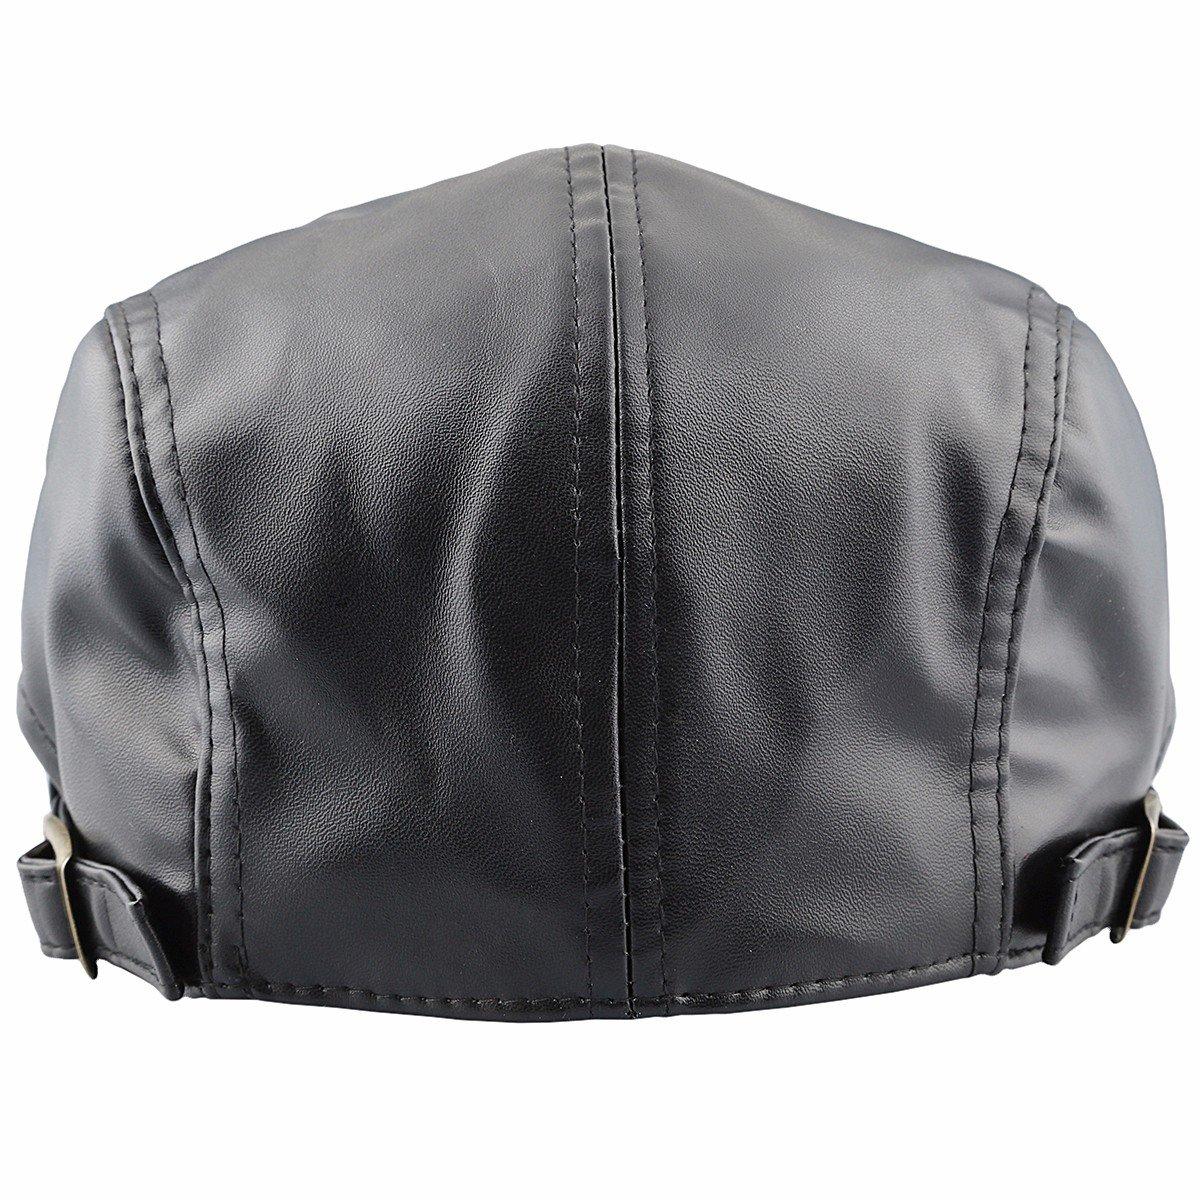 squaregarden Flat Caps for Men 272f172cffe2